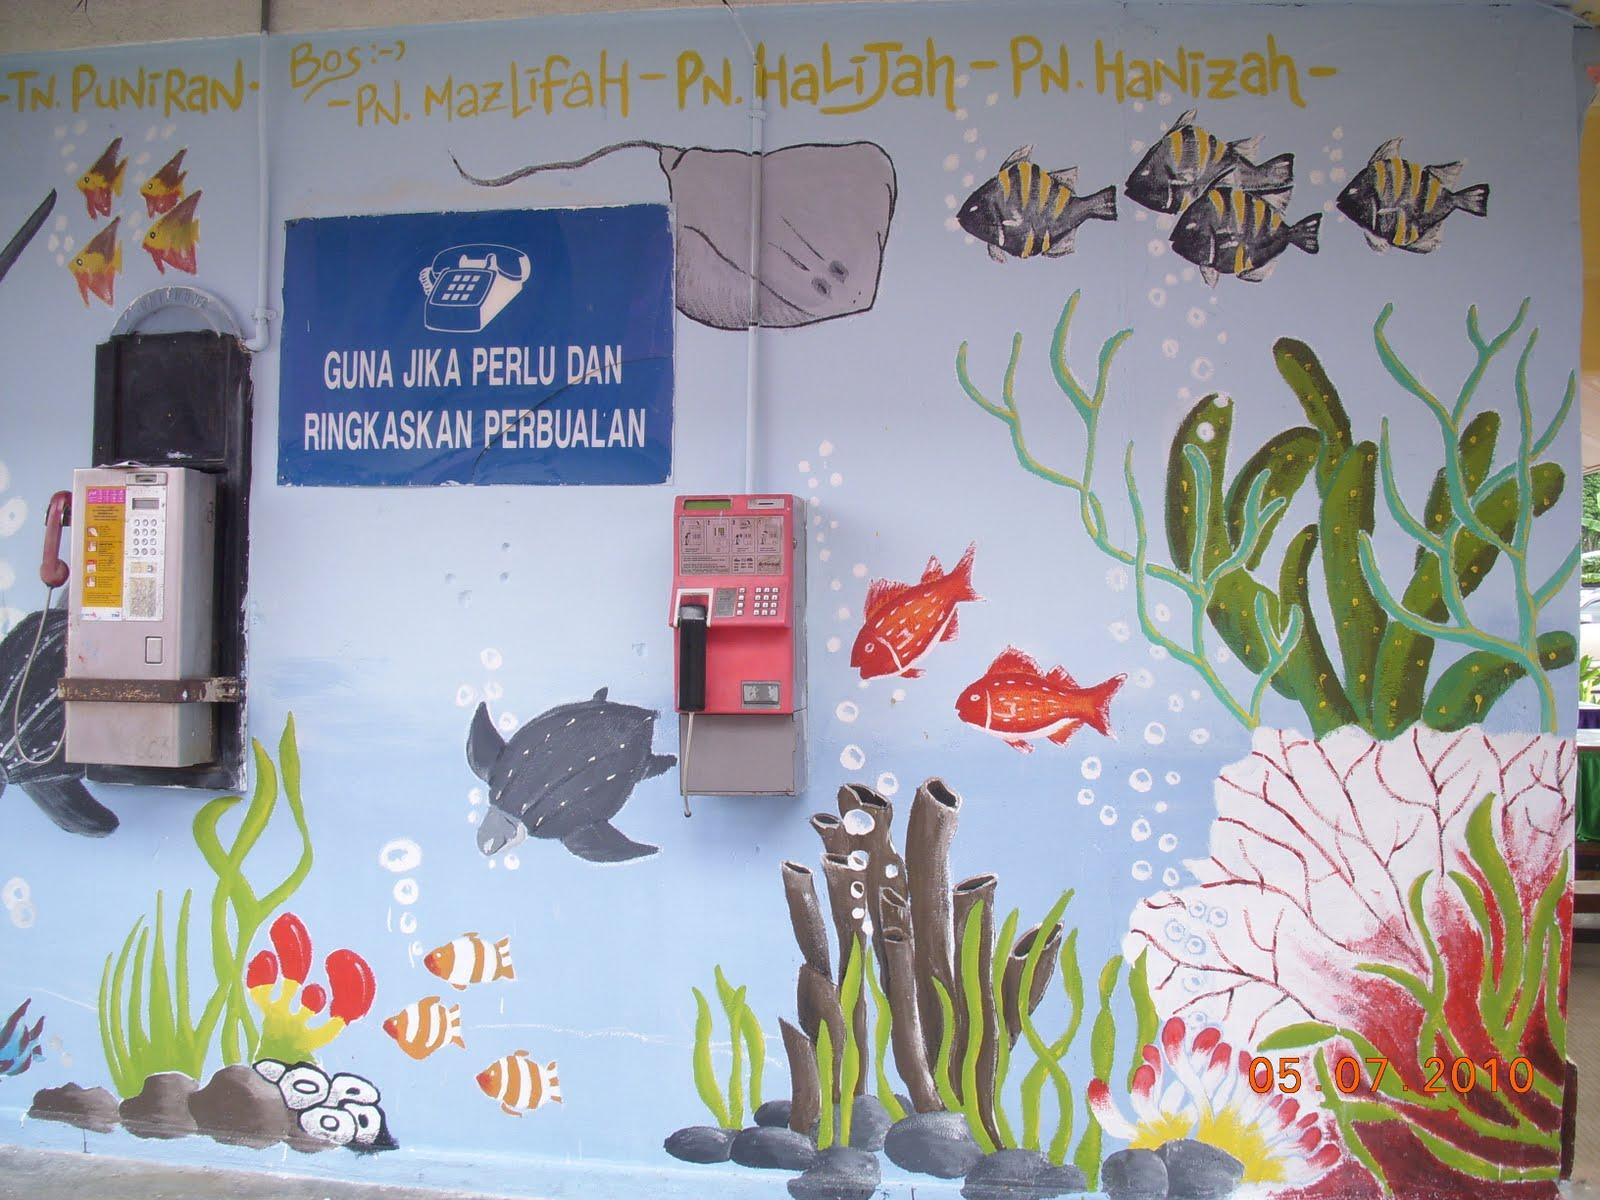 Smk bandar maharani muar guru bimbing murid kreatif for Mural yang cantik